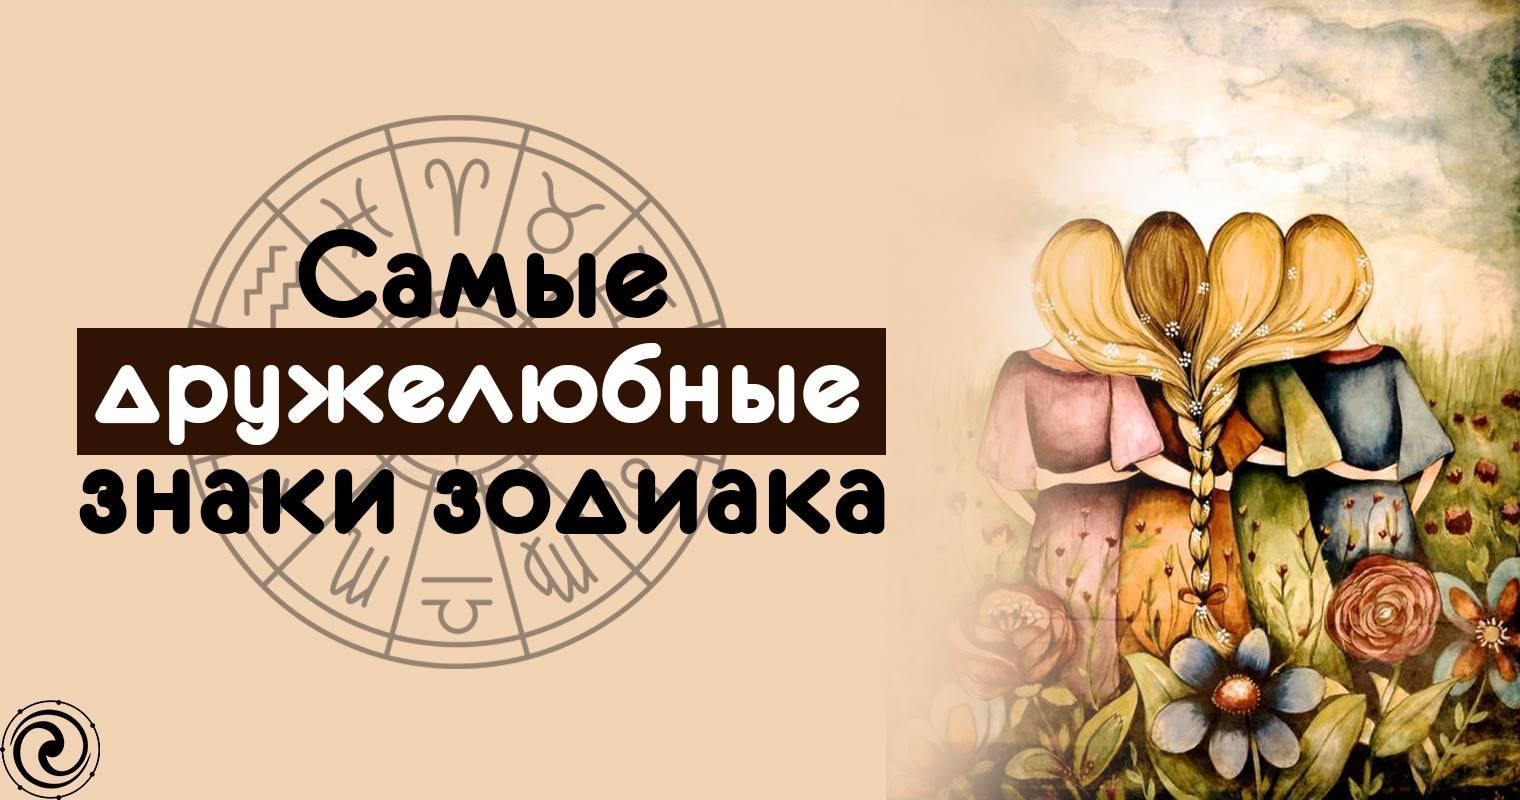 Цыганское предсказание Знакам Зодиака на август. Кого ждут романтические приключения новые фото